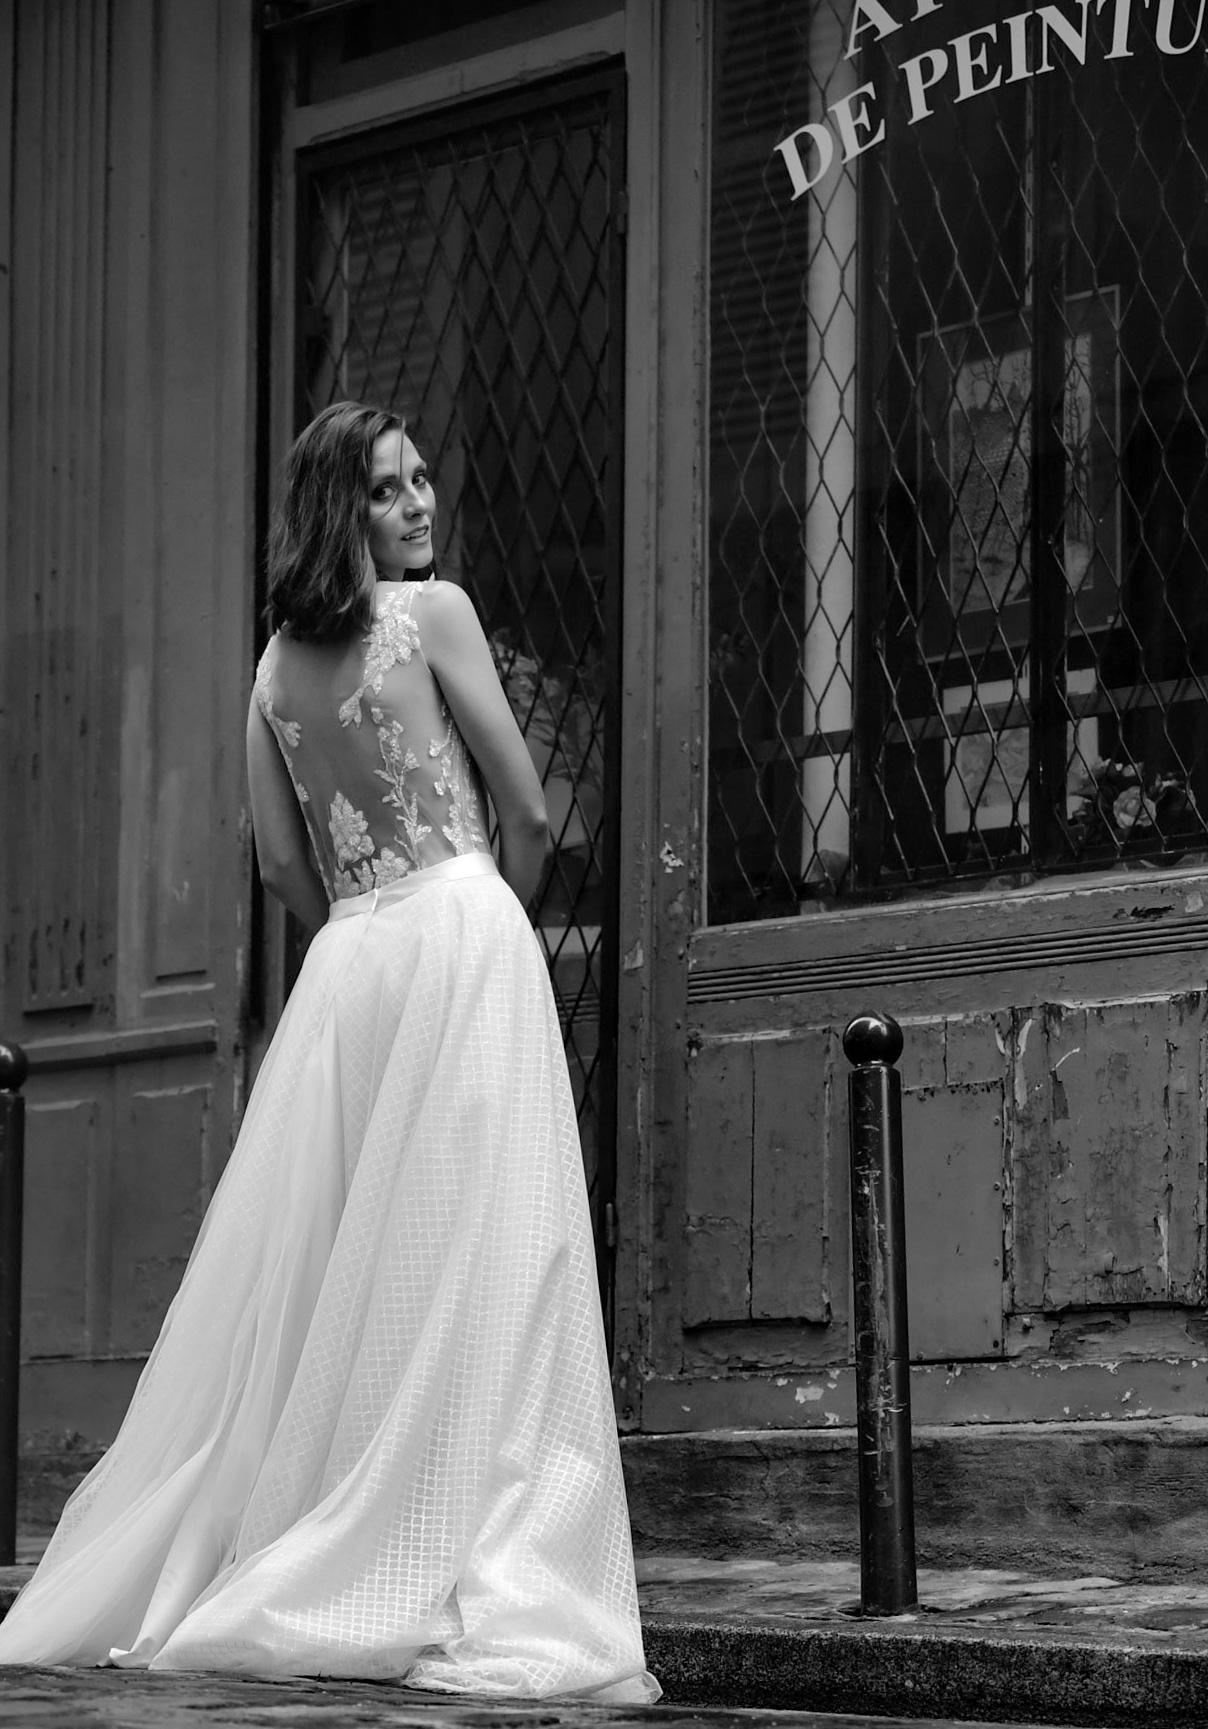 Eine brünette Frau trägt einen weißen Spitzenbody mit einem langen weißen Rock. Sie steht mit dem Rücken zum Betrachter und schaut über ihre Schulter nach hinten.